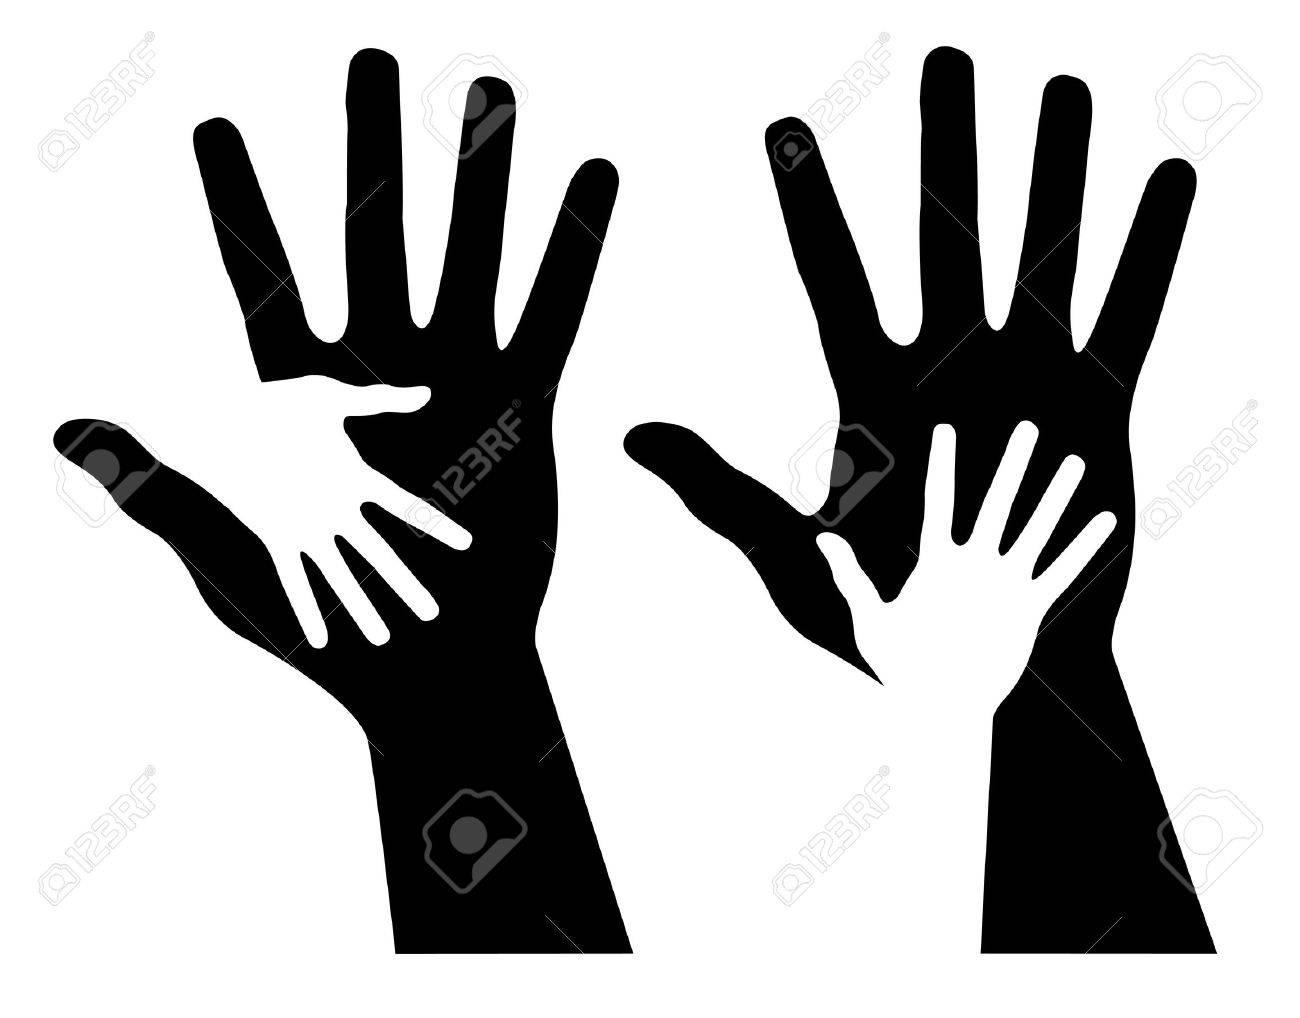 Solidarity Hands